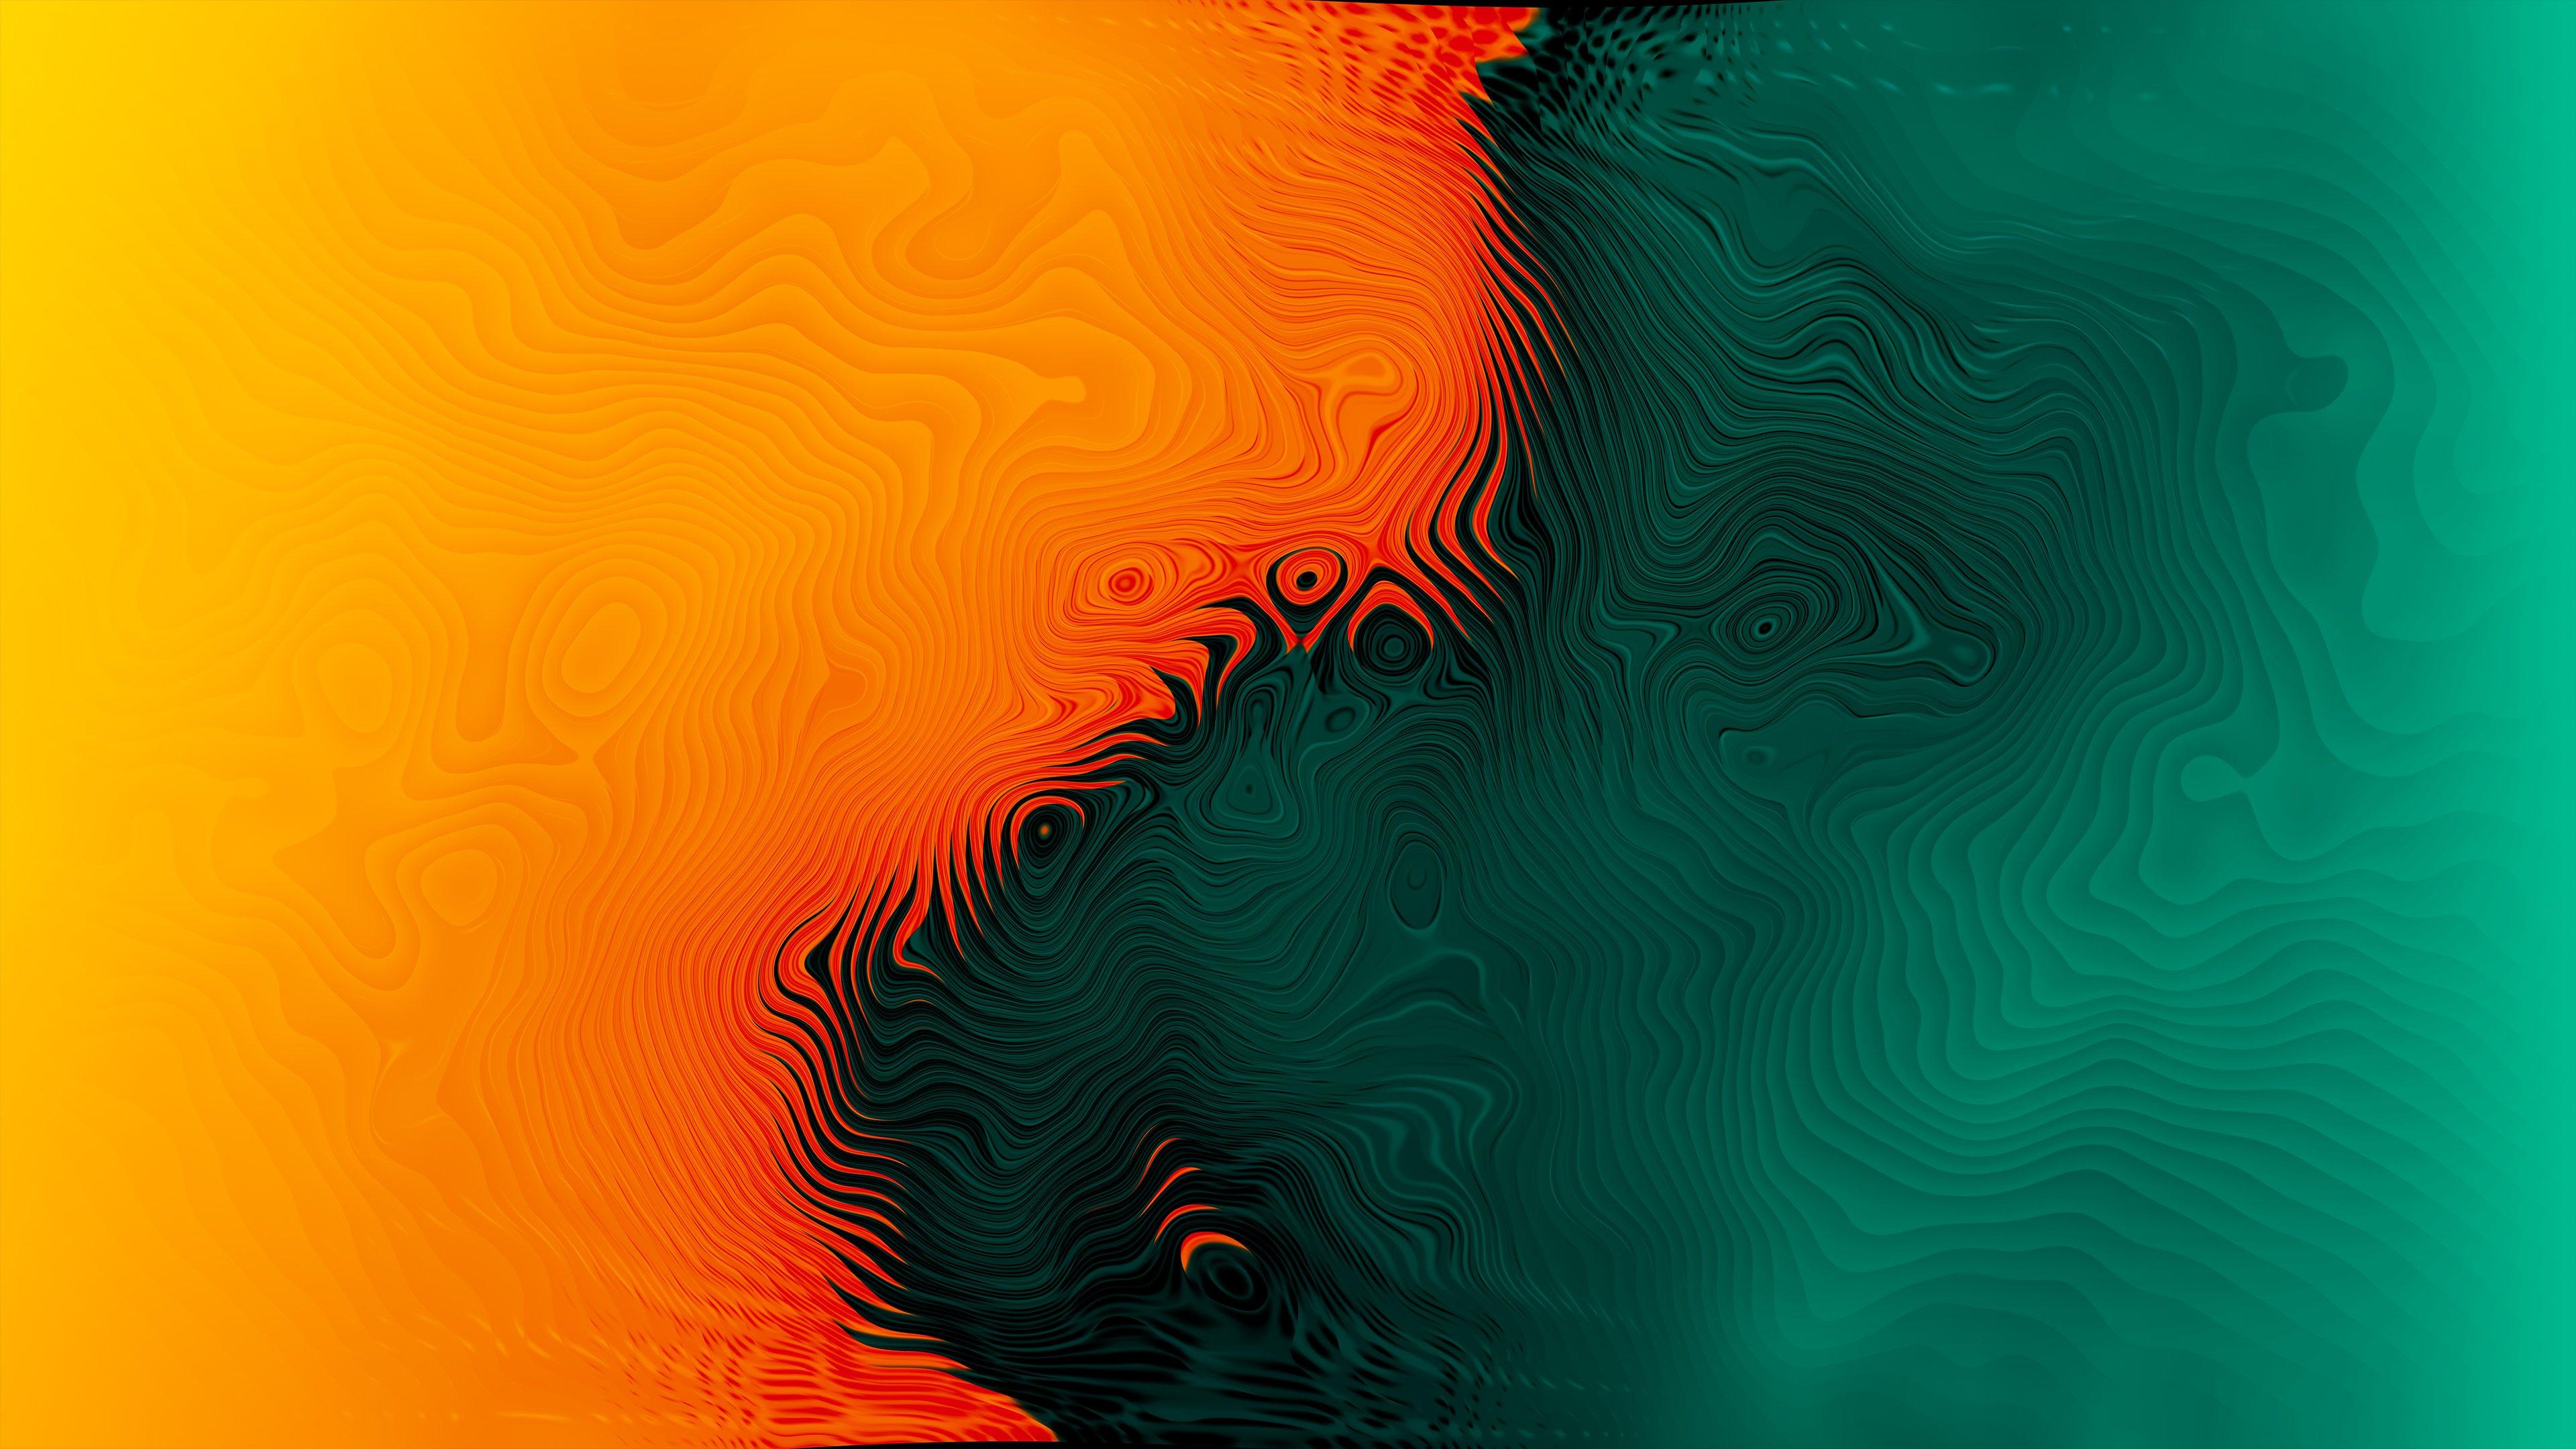 Fondos de pantalla Naranja y verde con olas